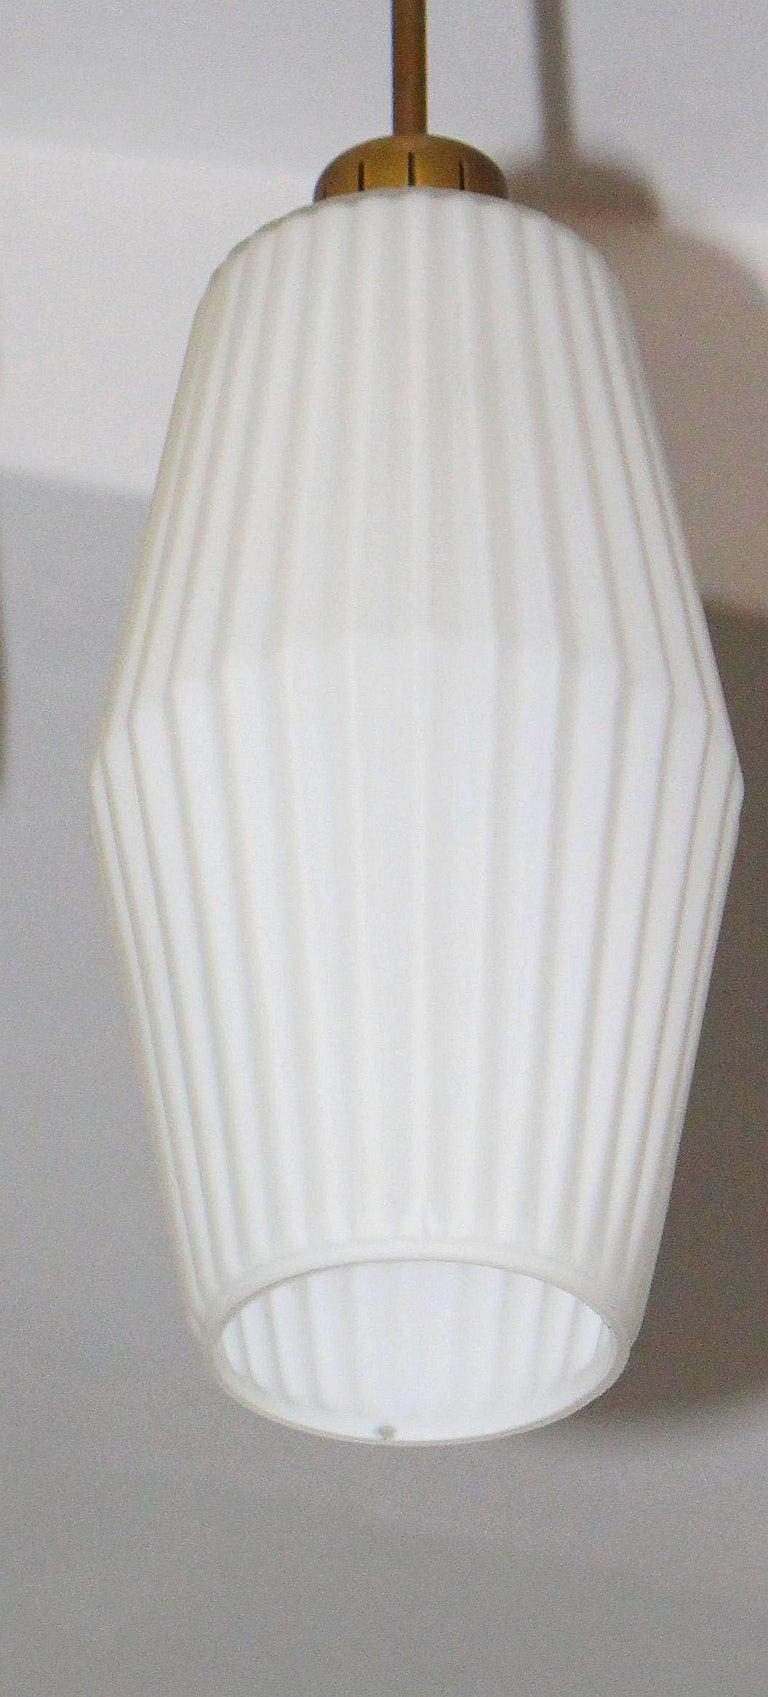 Italian Chandelier Art Deco Style For Sale 1